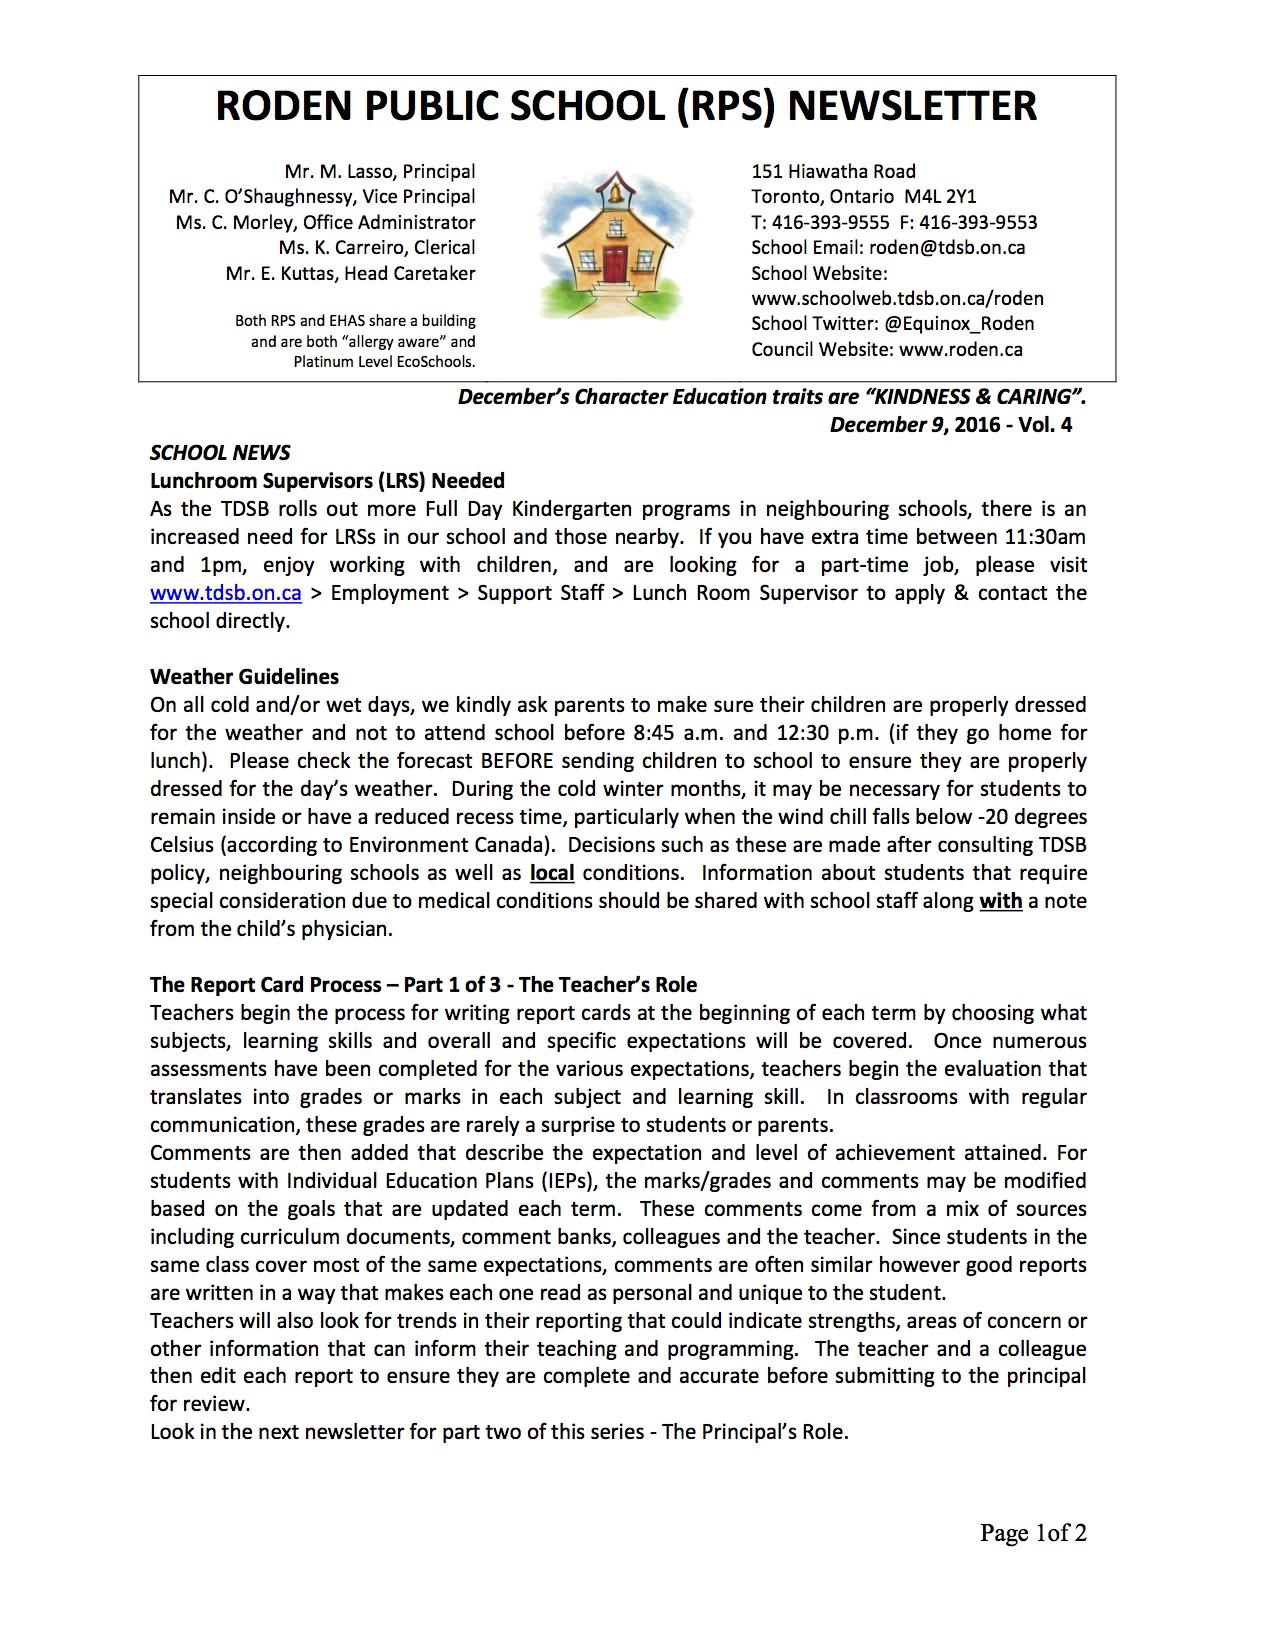 Roden Newsletter 16-12-09